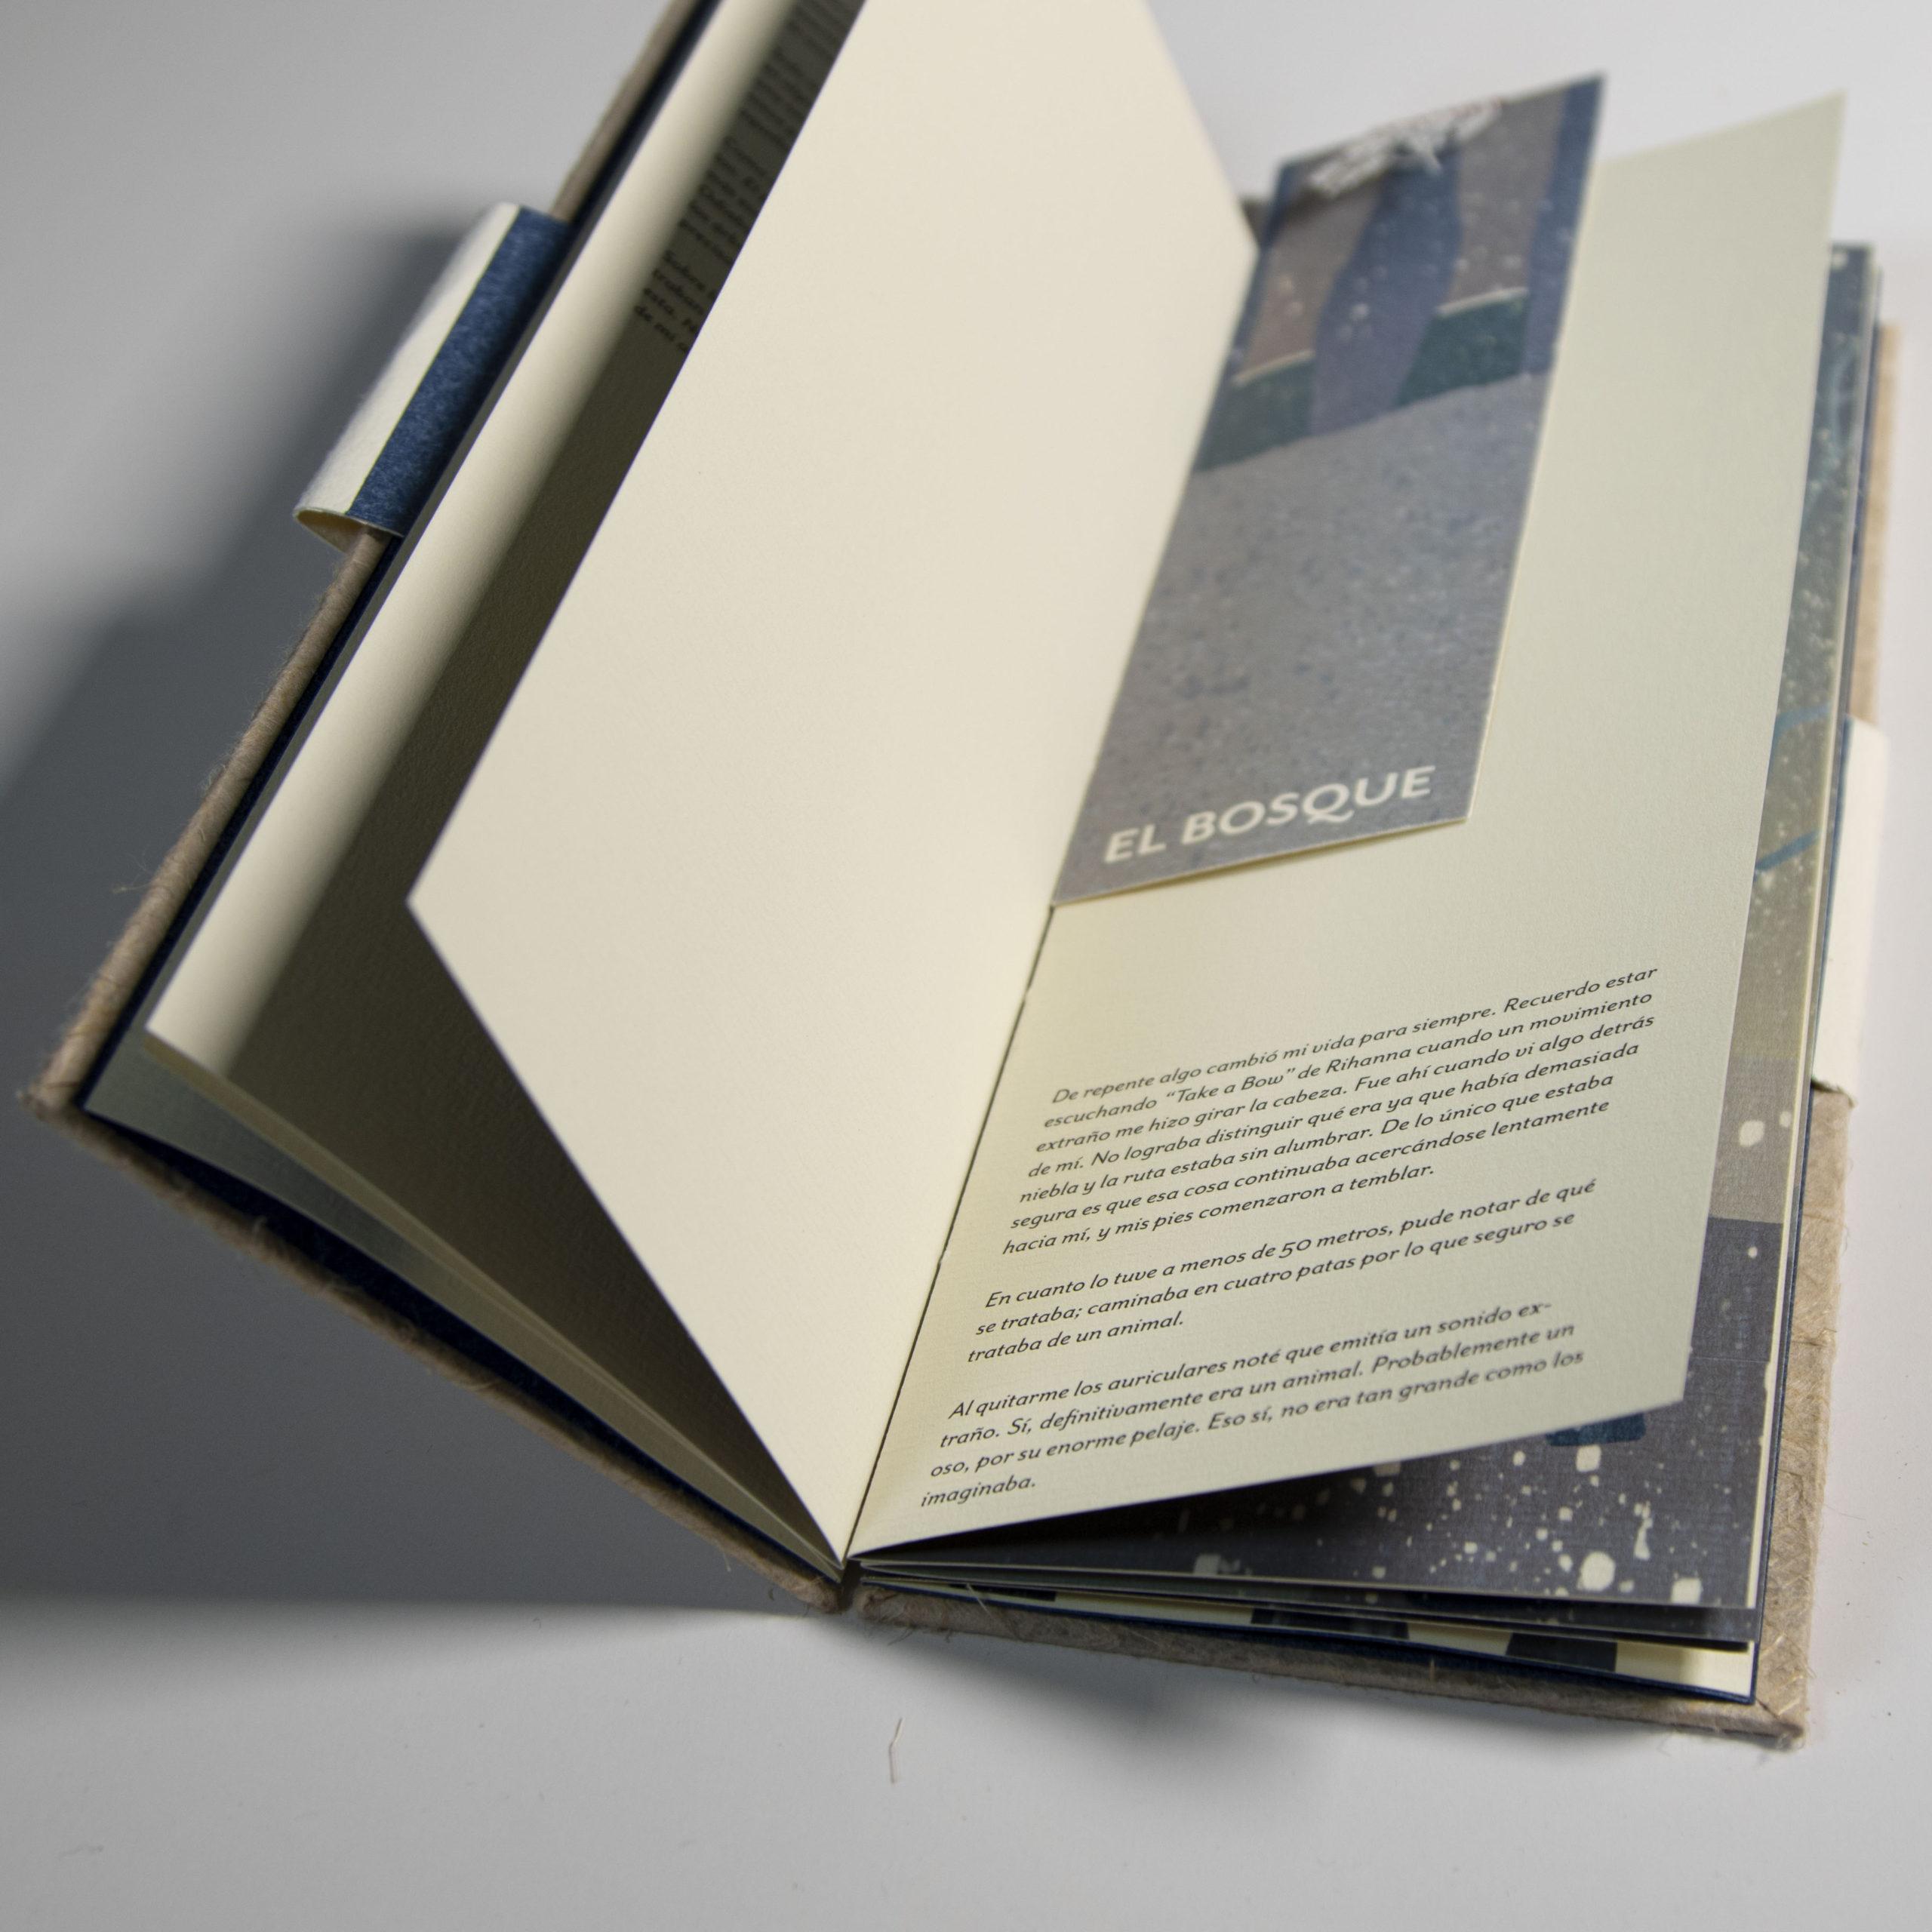 Diseño editorial-El bosque